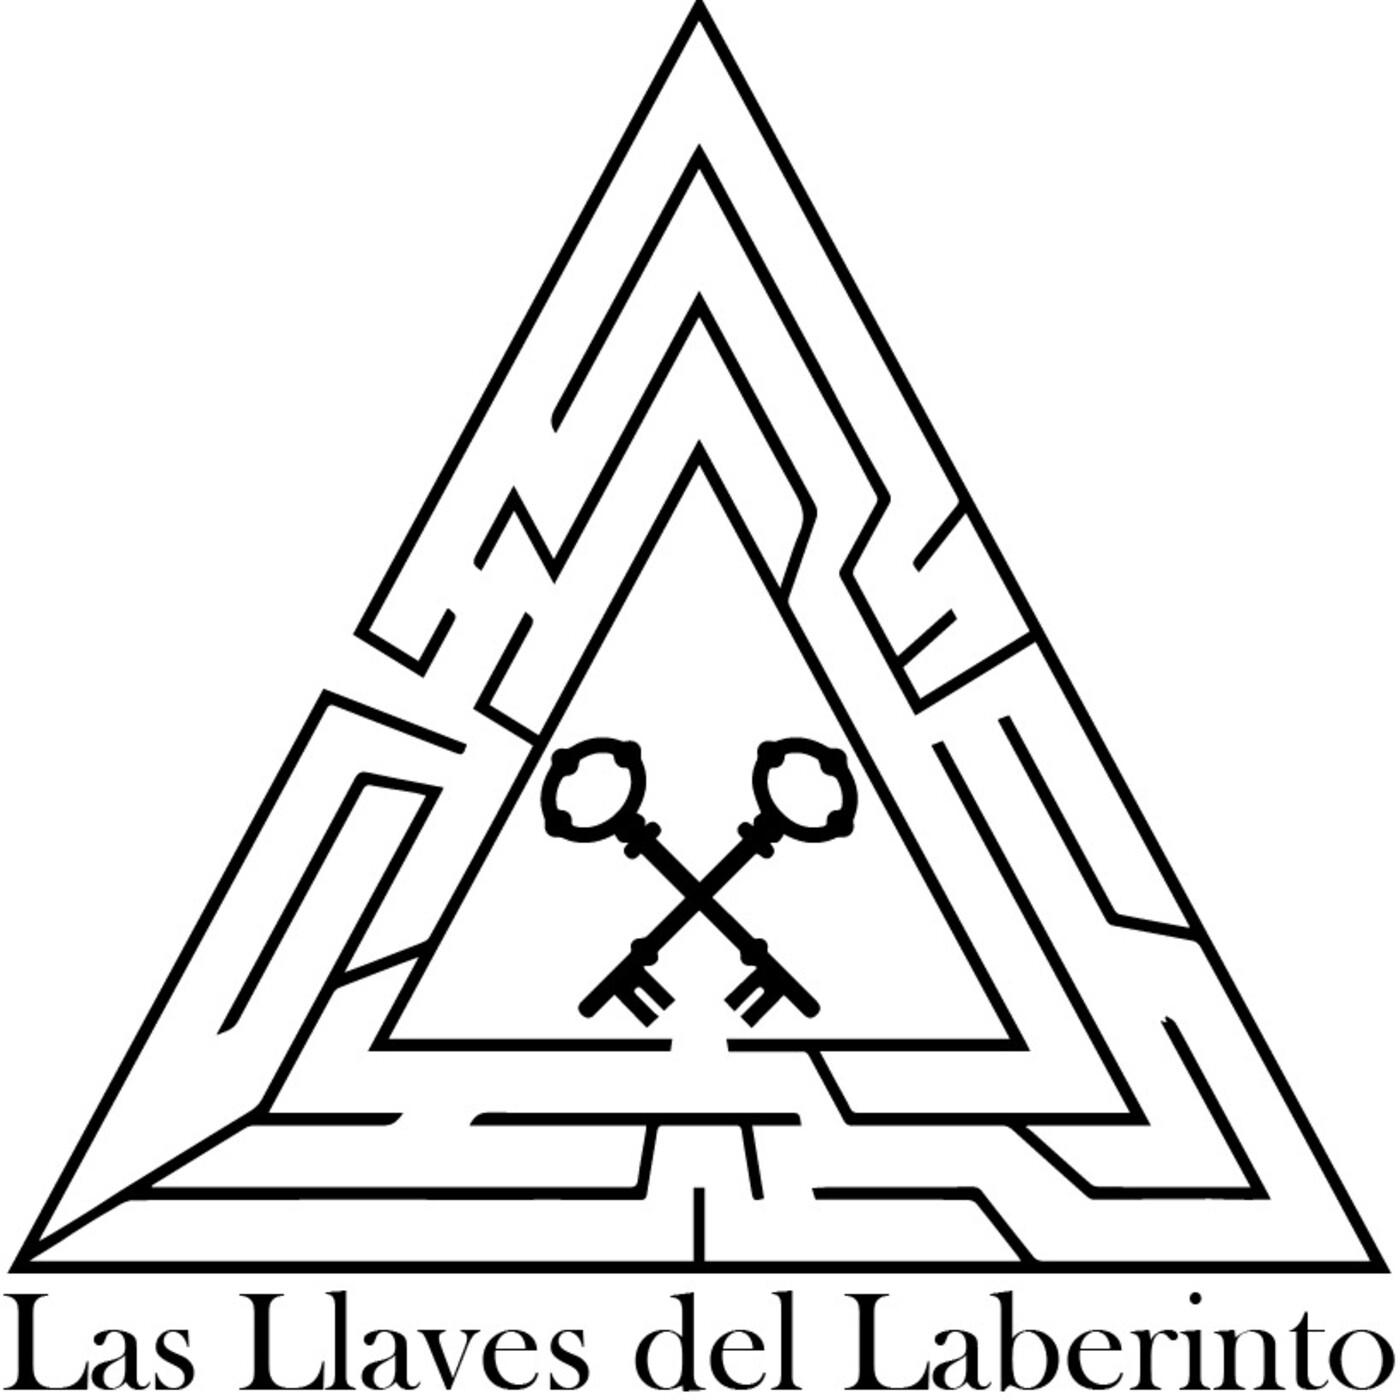 Las llaves del laberinto Ep 4 Claudia Bermúdez - Tanatología y Vida